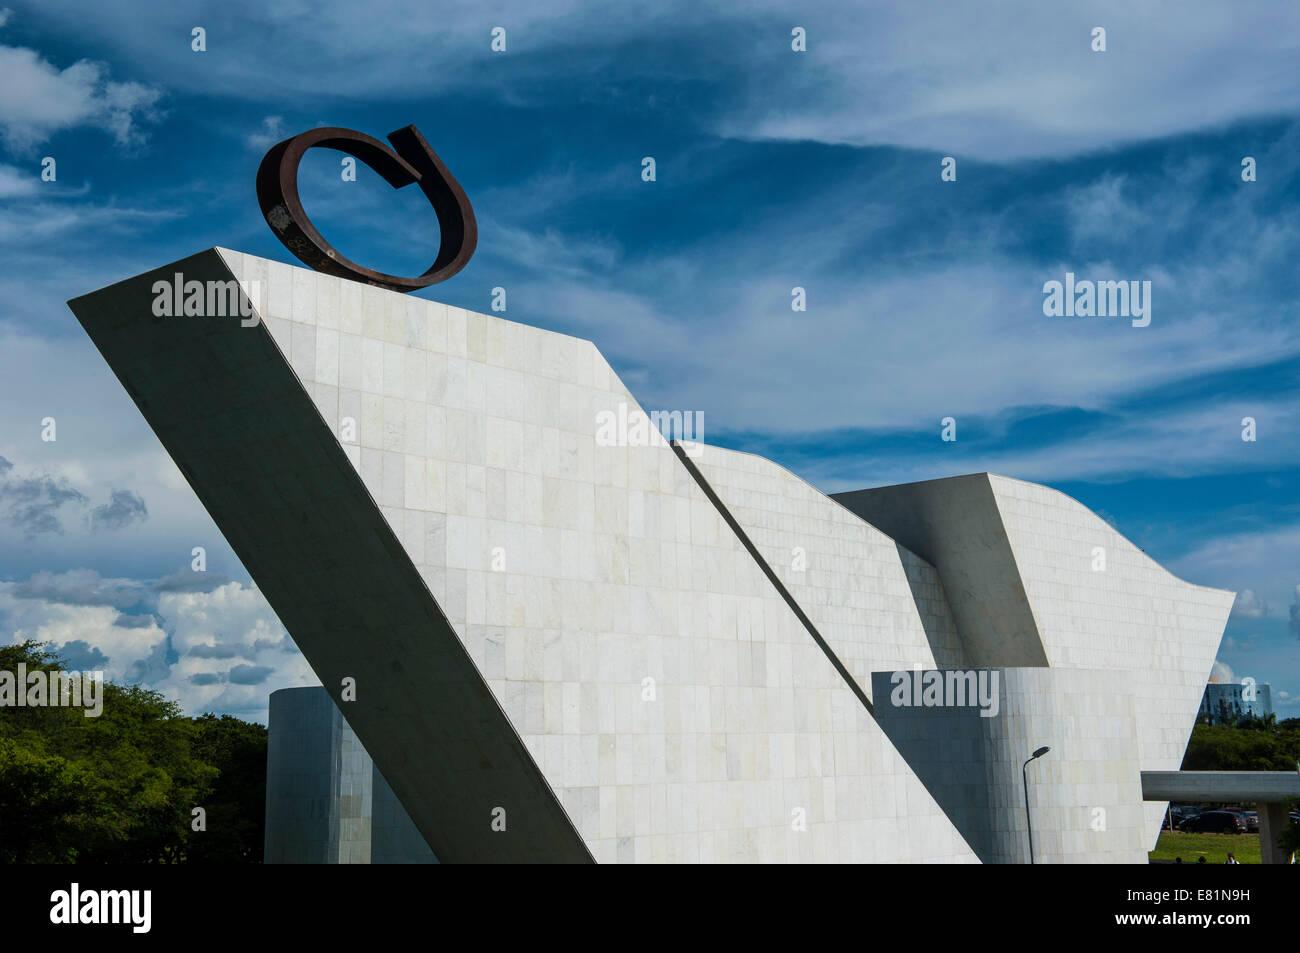 Arte arquitectónico por Oscar Niemeier en la Plaza de los Tres Poderes, Brasilia, Brasil Imagen De Stock